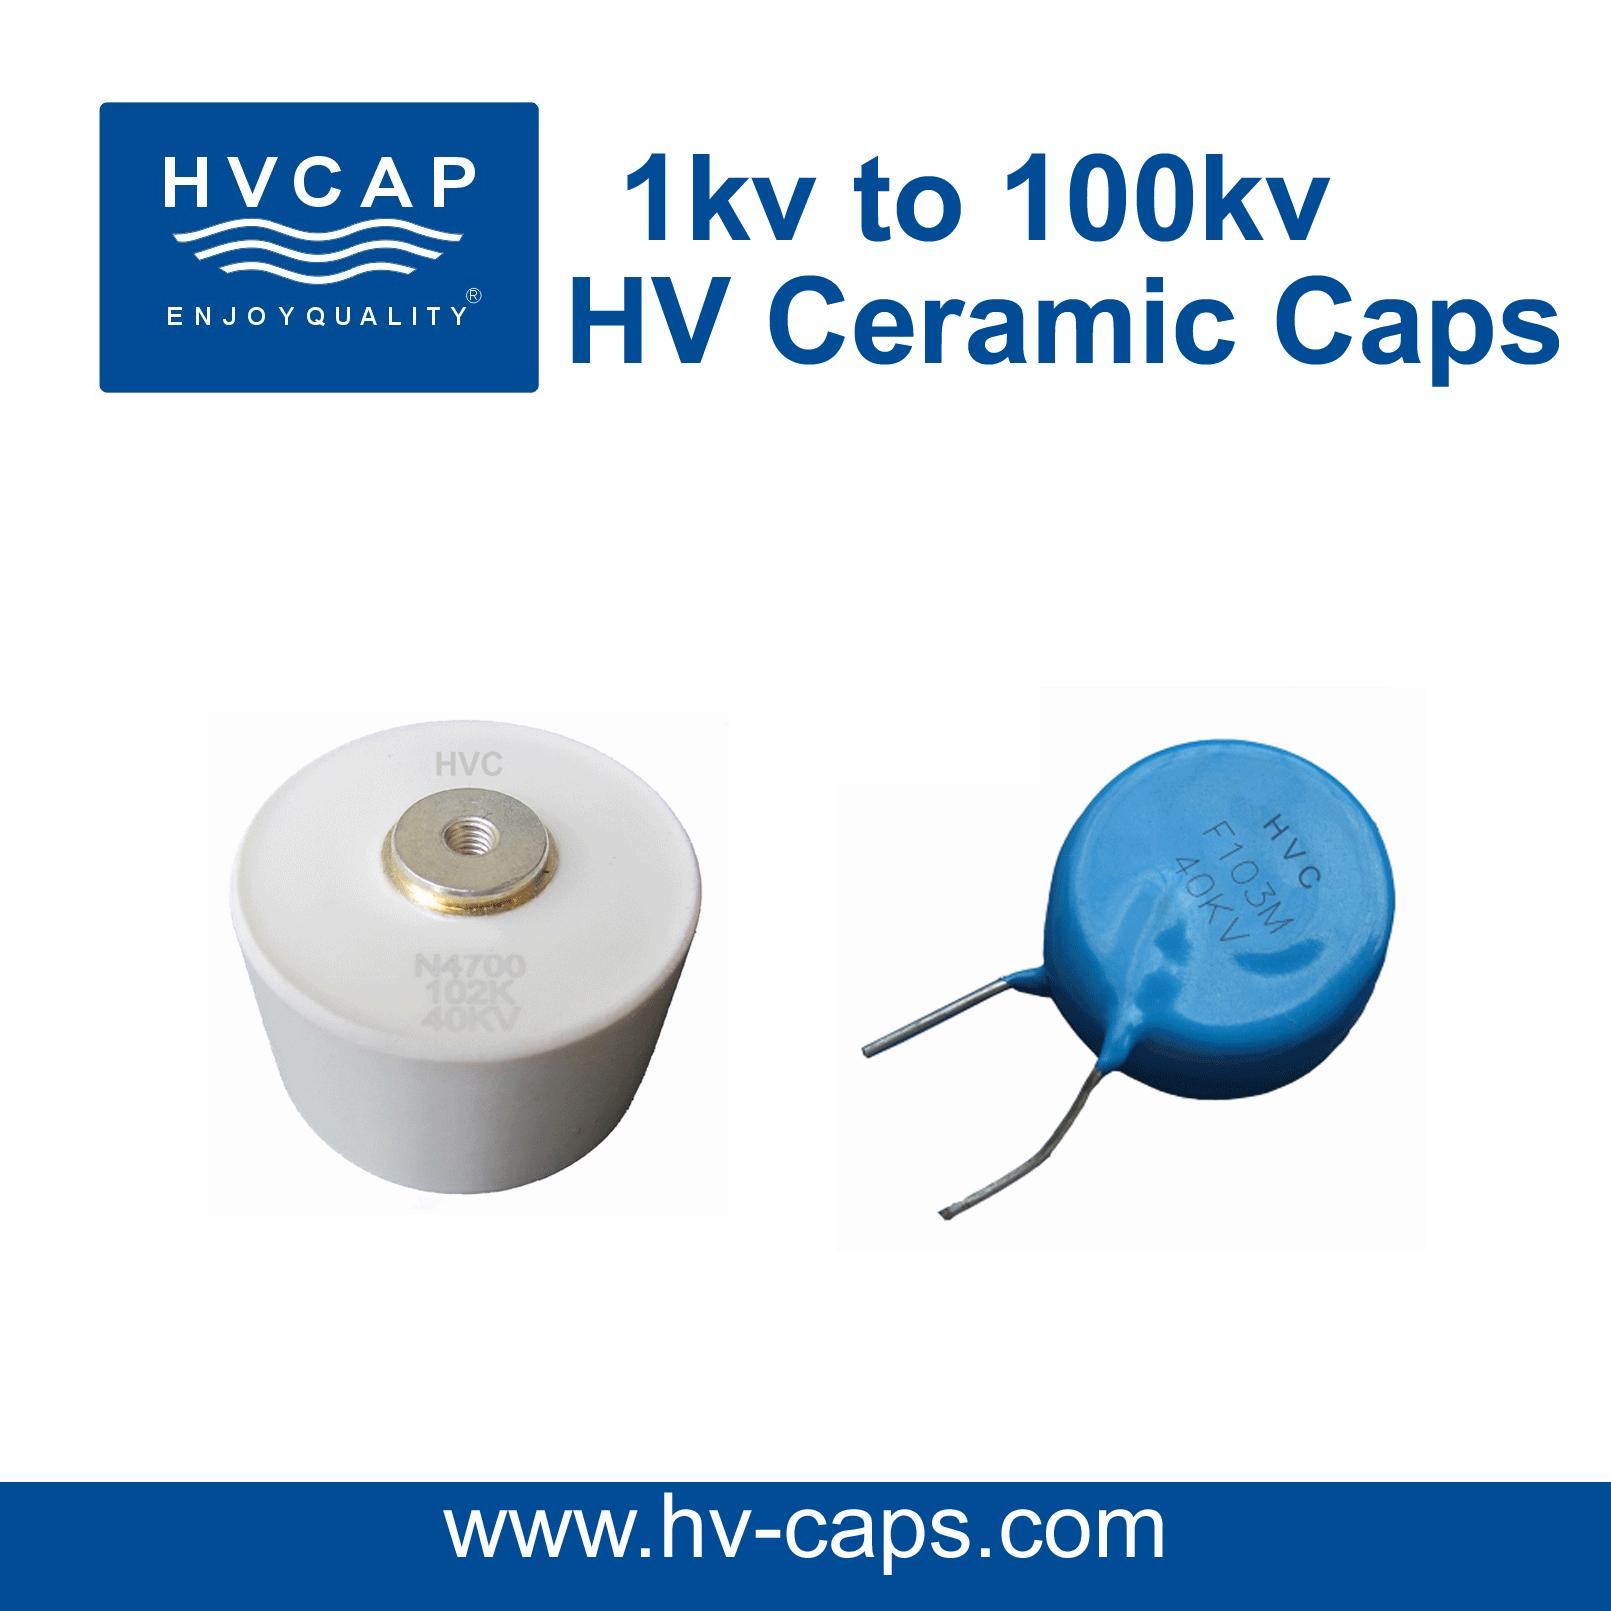 HV Keramiek Kapasitor 1kv na 100kv, detail spesifikasie.